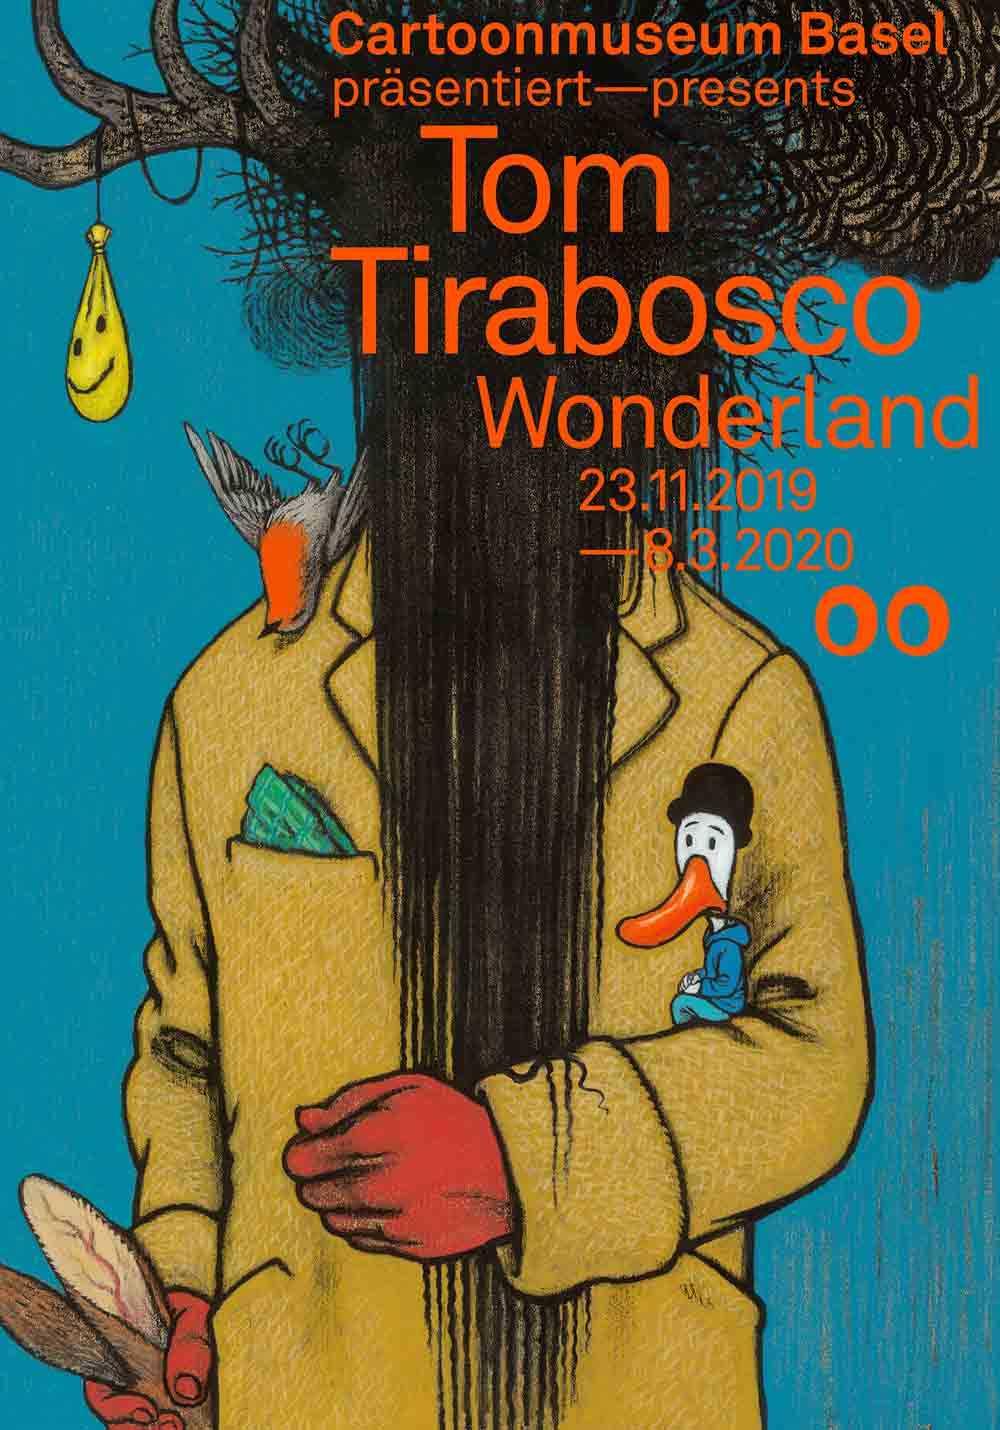 01 Tirabosco Plakat Ca A3 Rz Rgb Web Ohne Logos40 Jahre Komprimiert